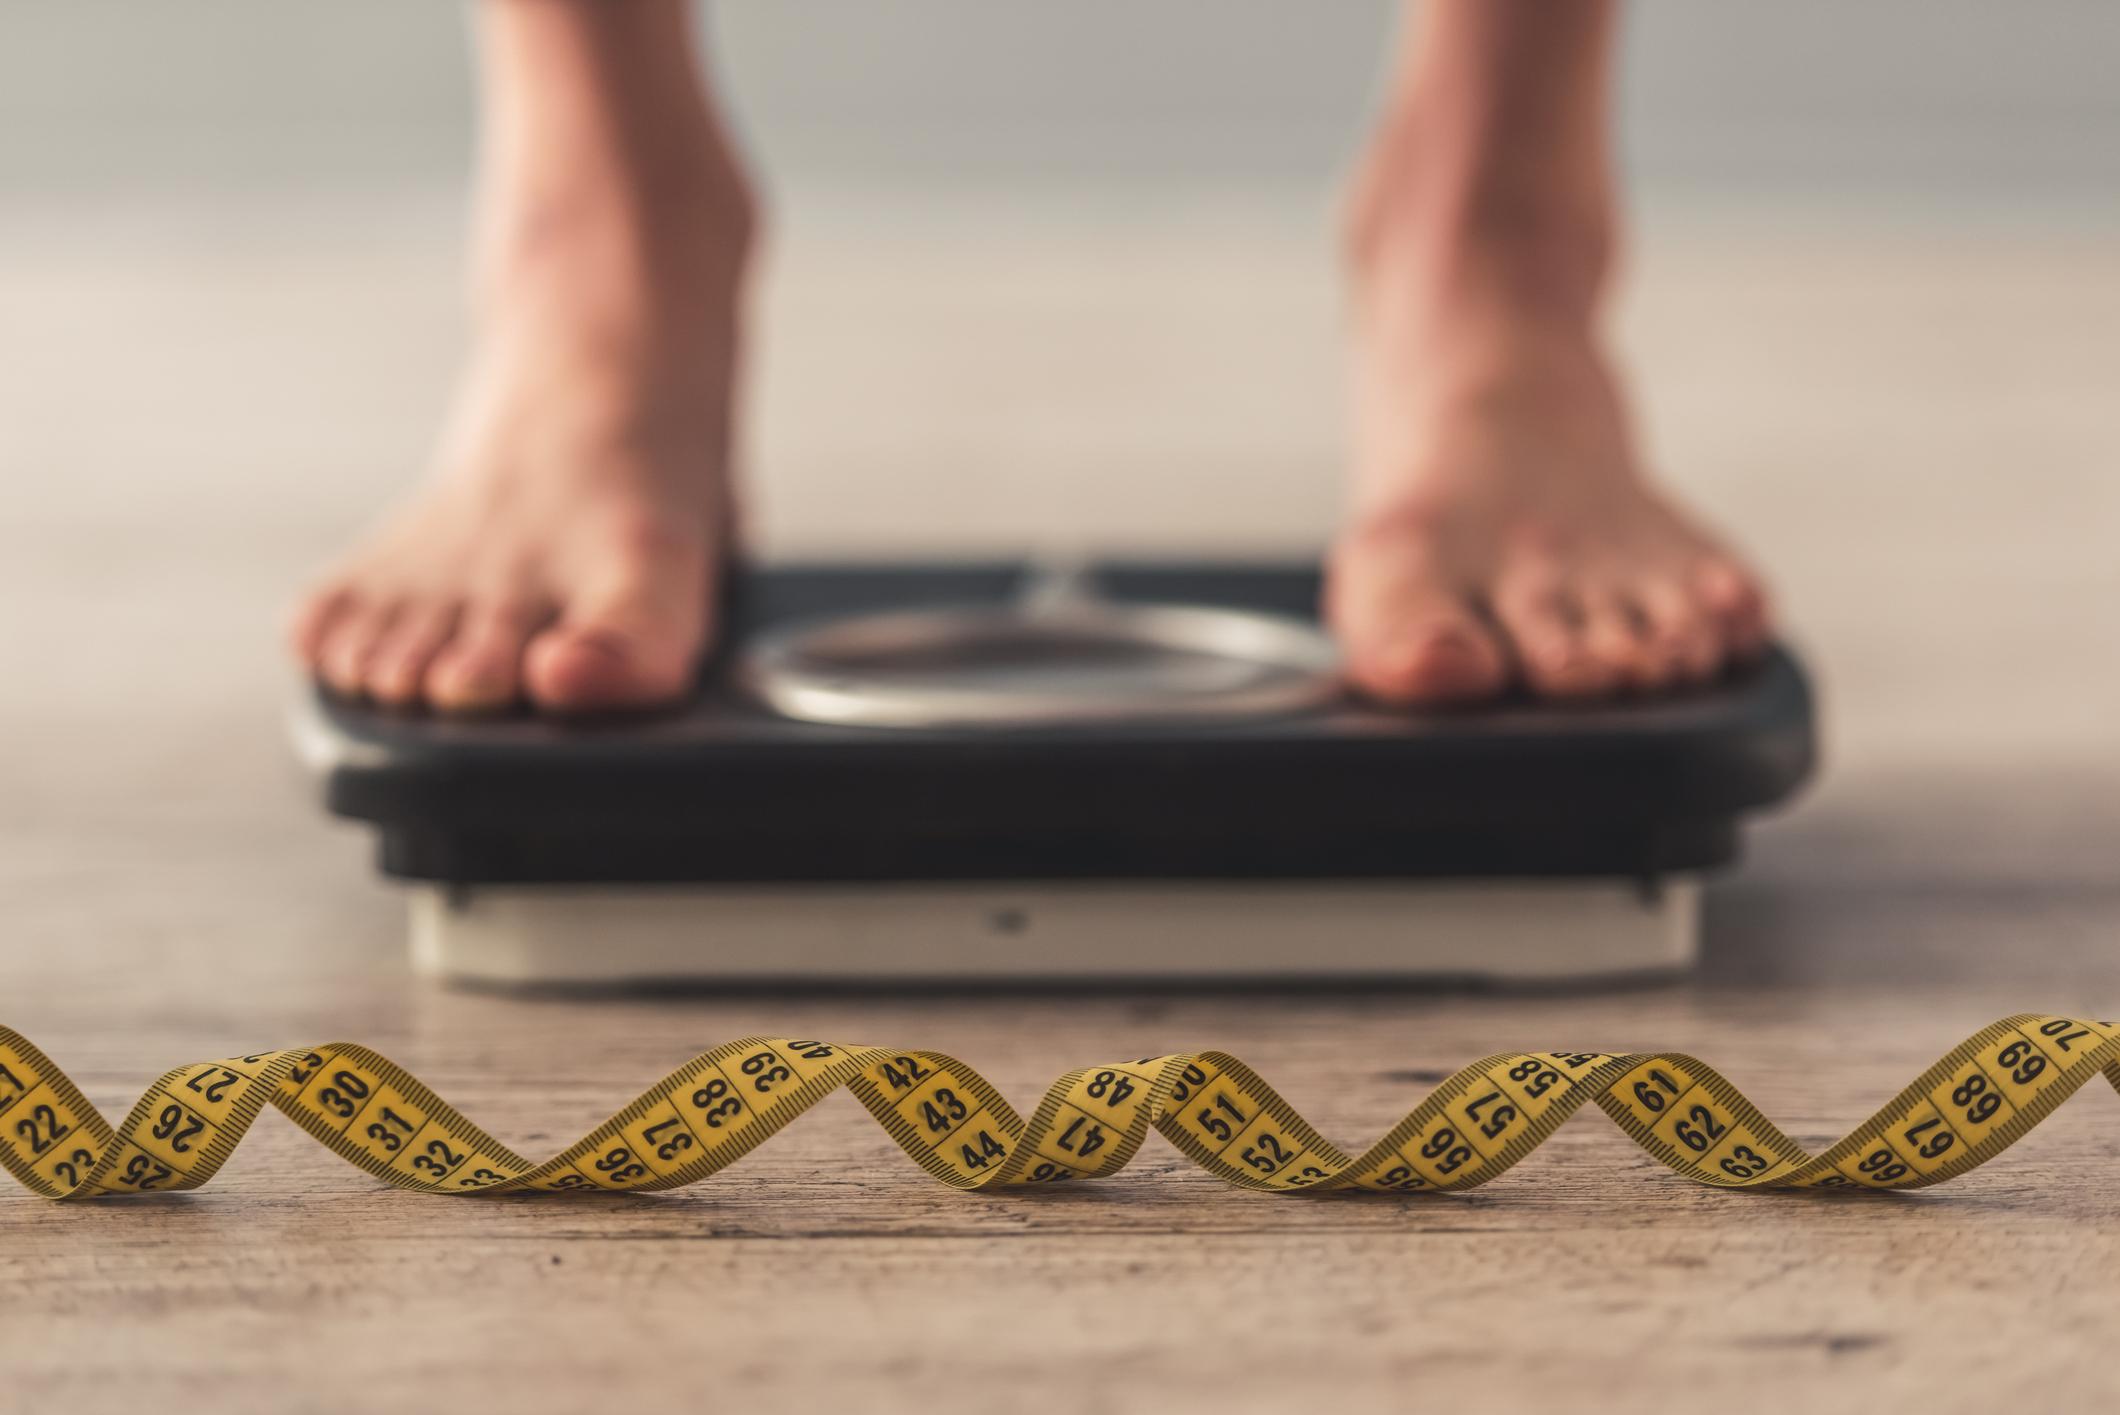 pierdere în greutate elgin